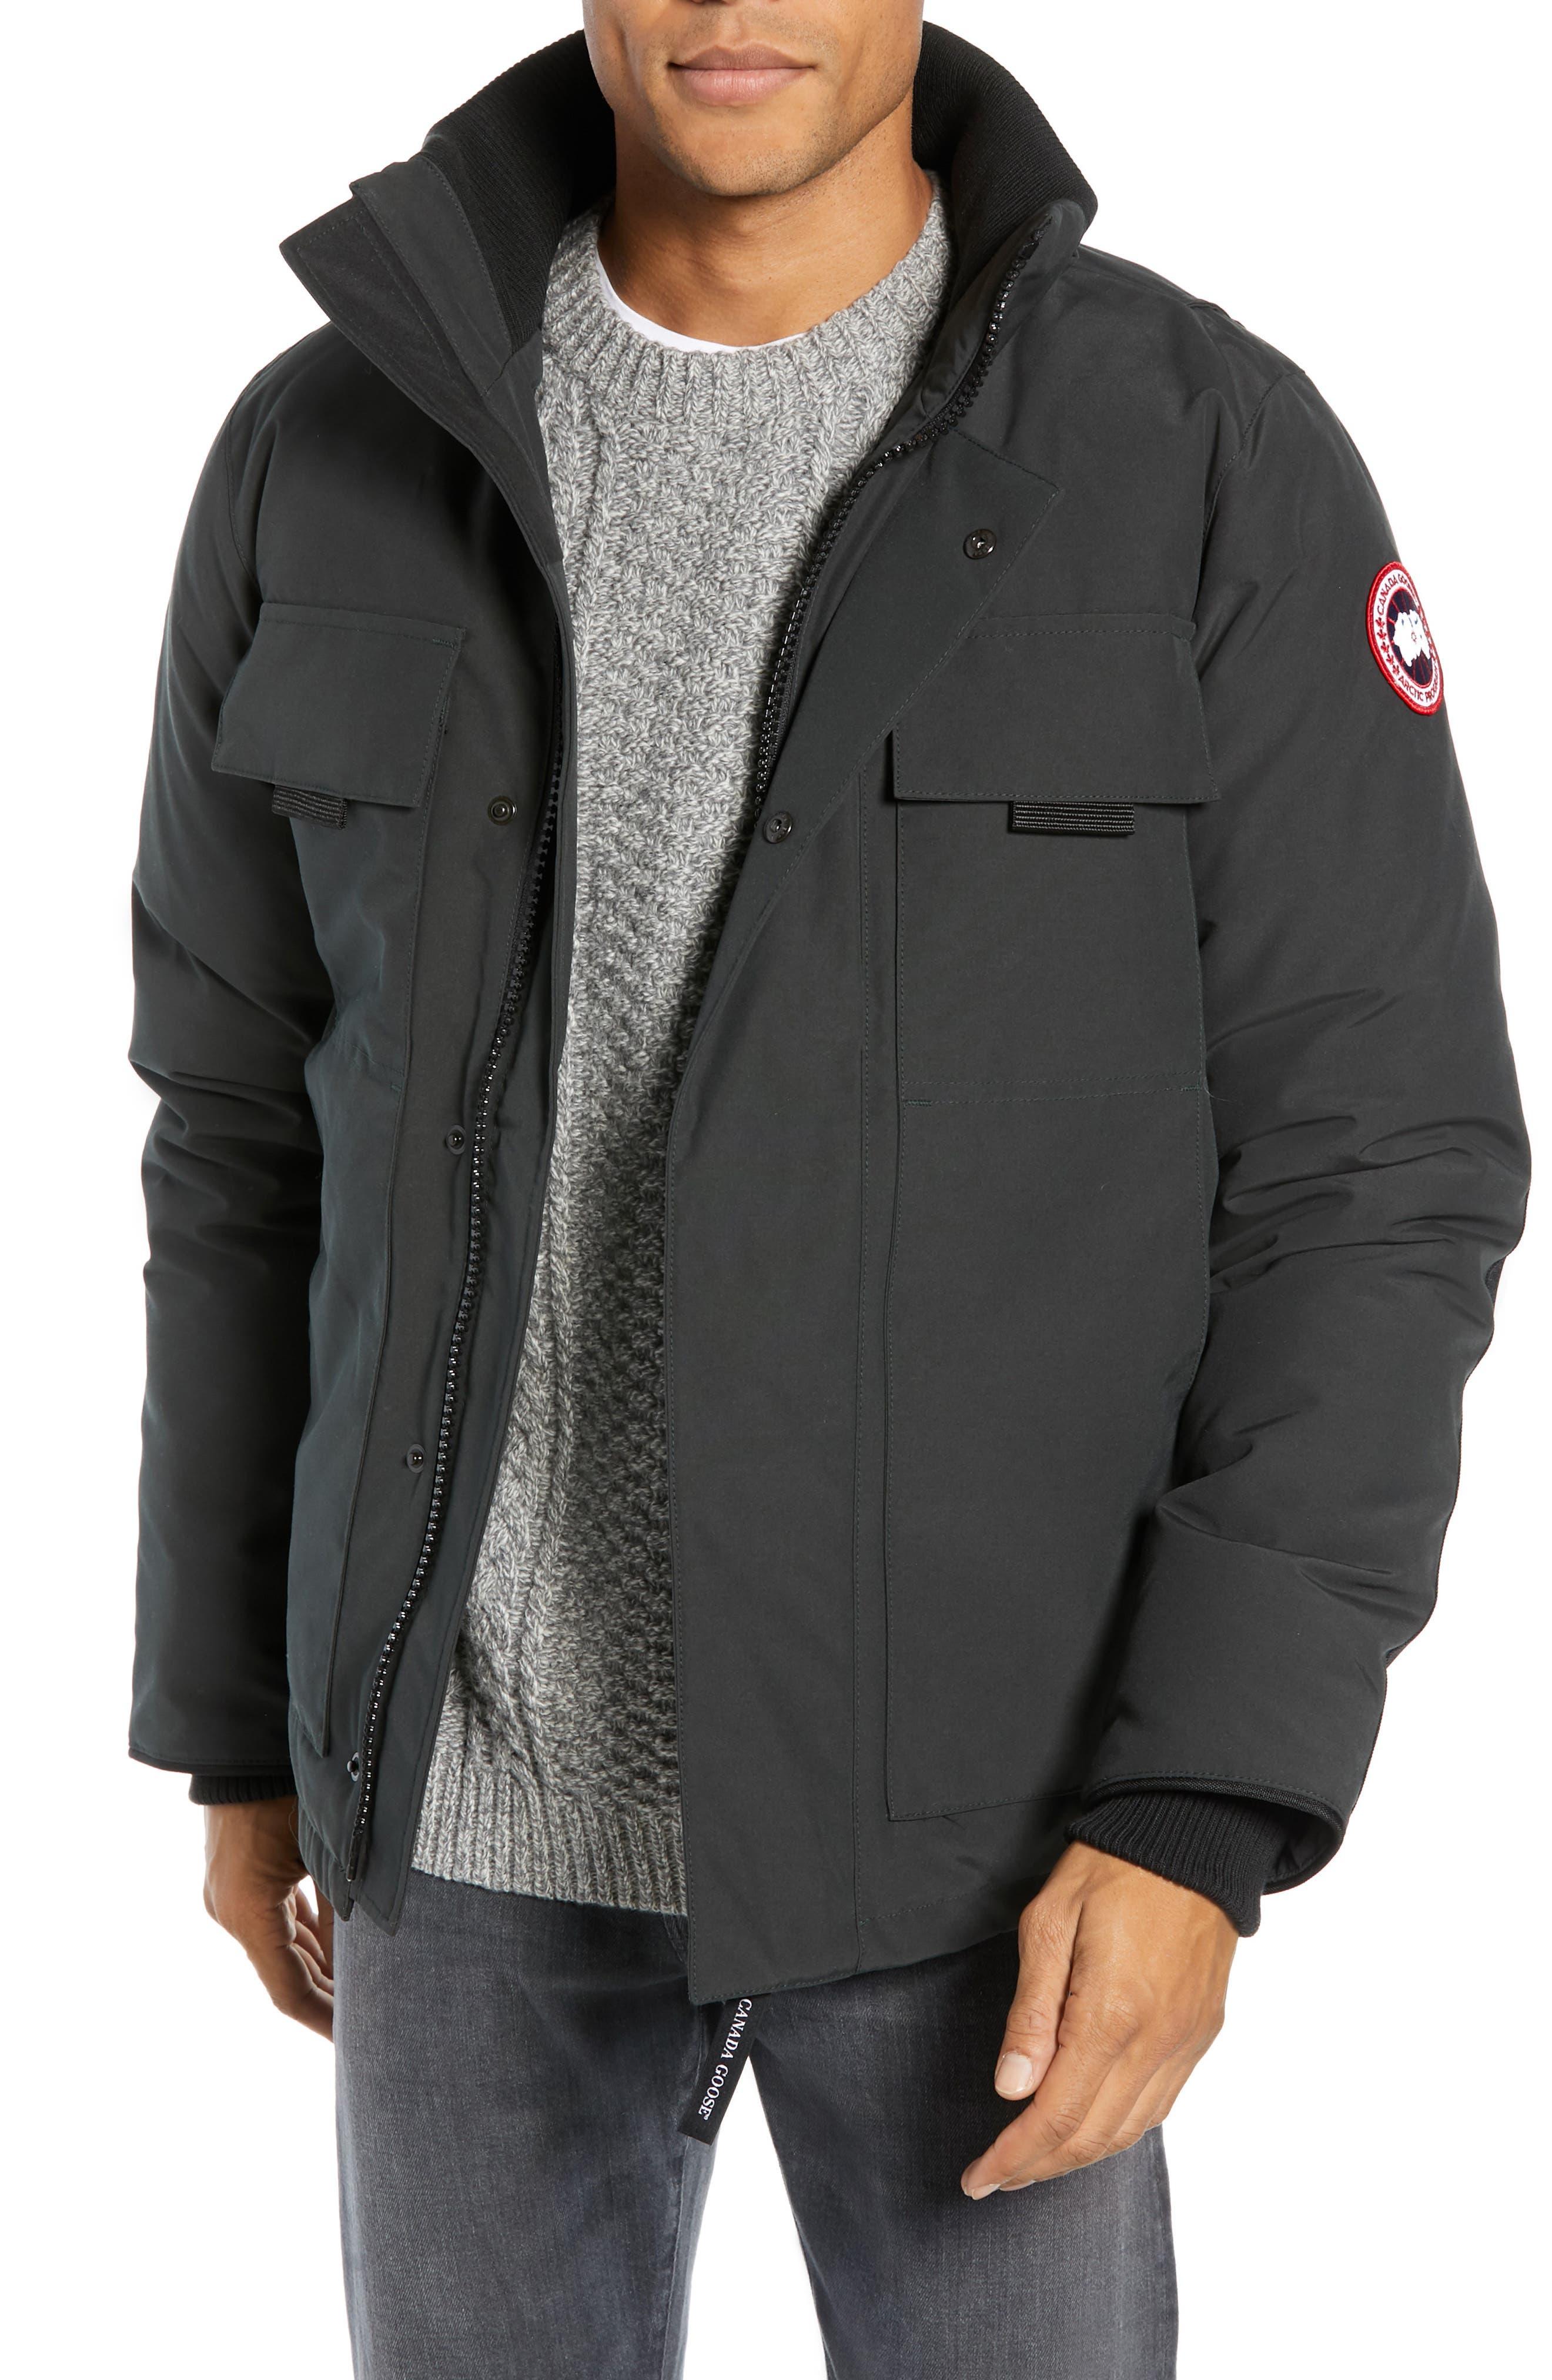 CANADA GOOSE Forester Slim Fit Jacket, Main, color, BLACK